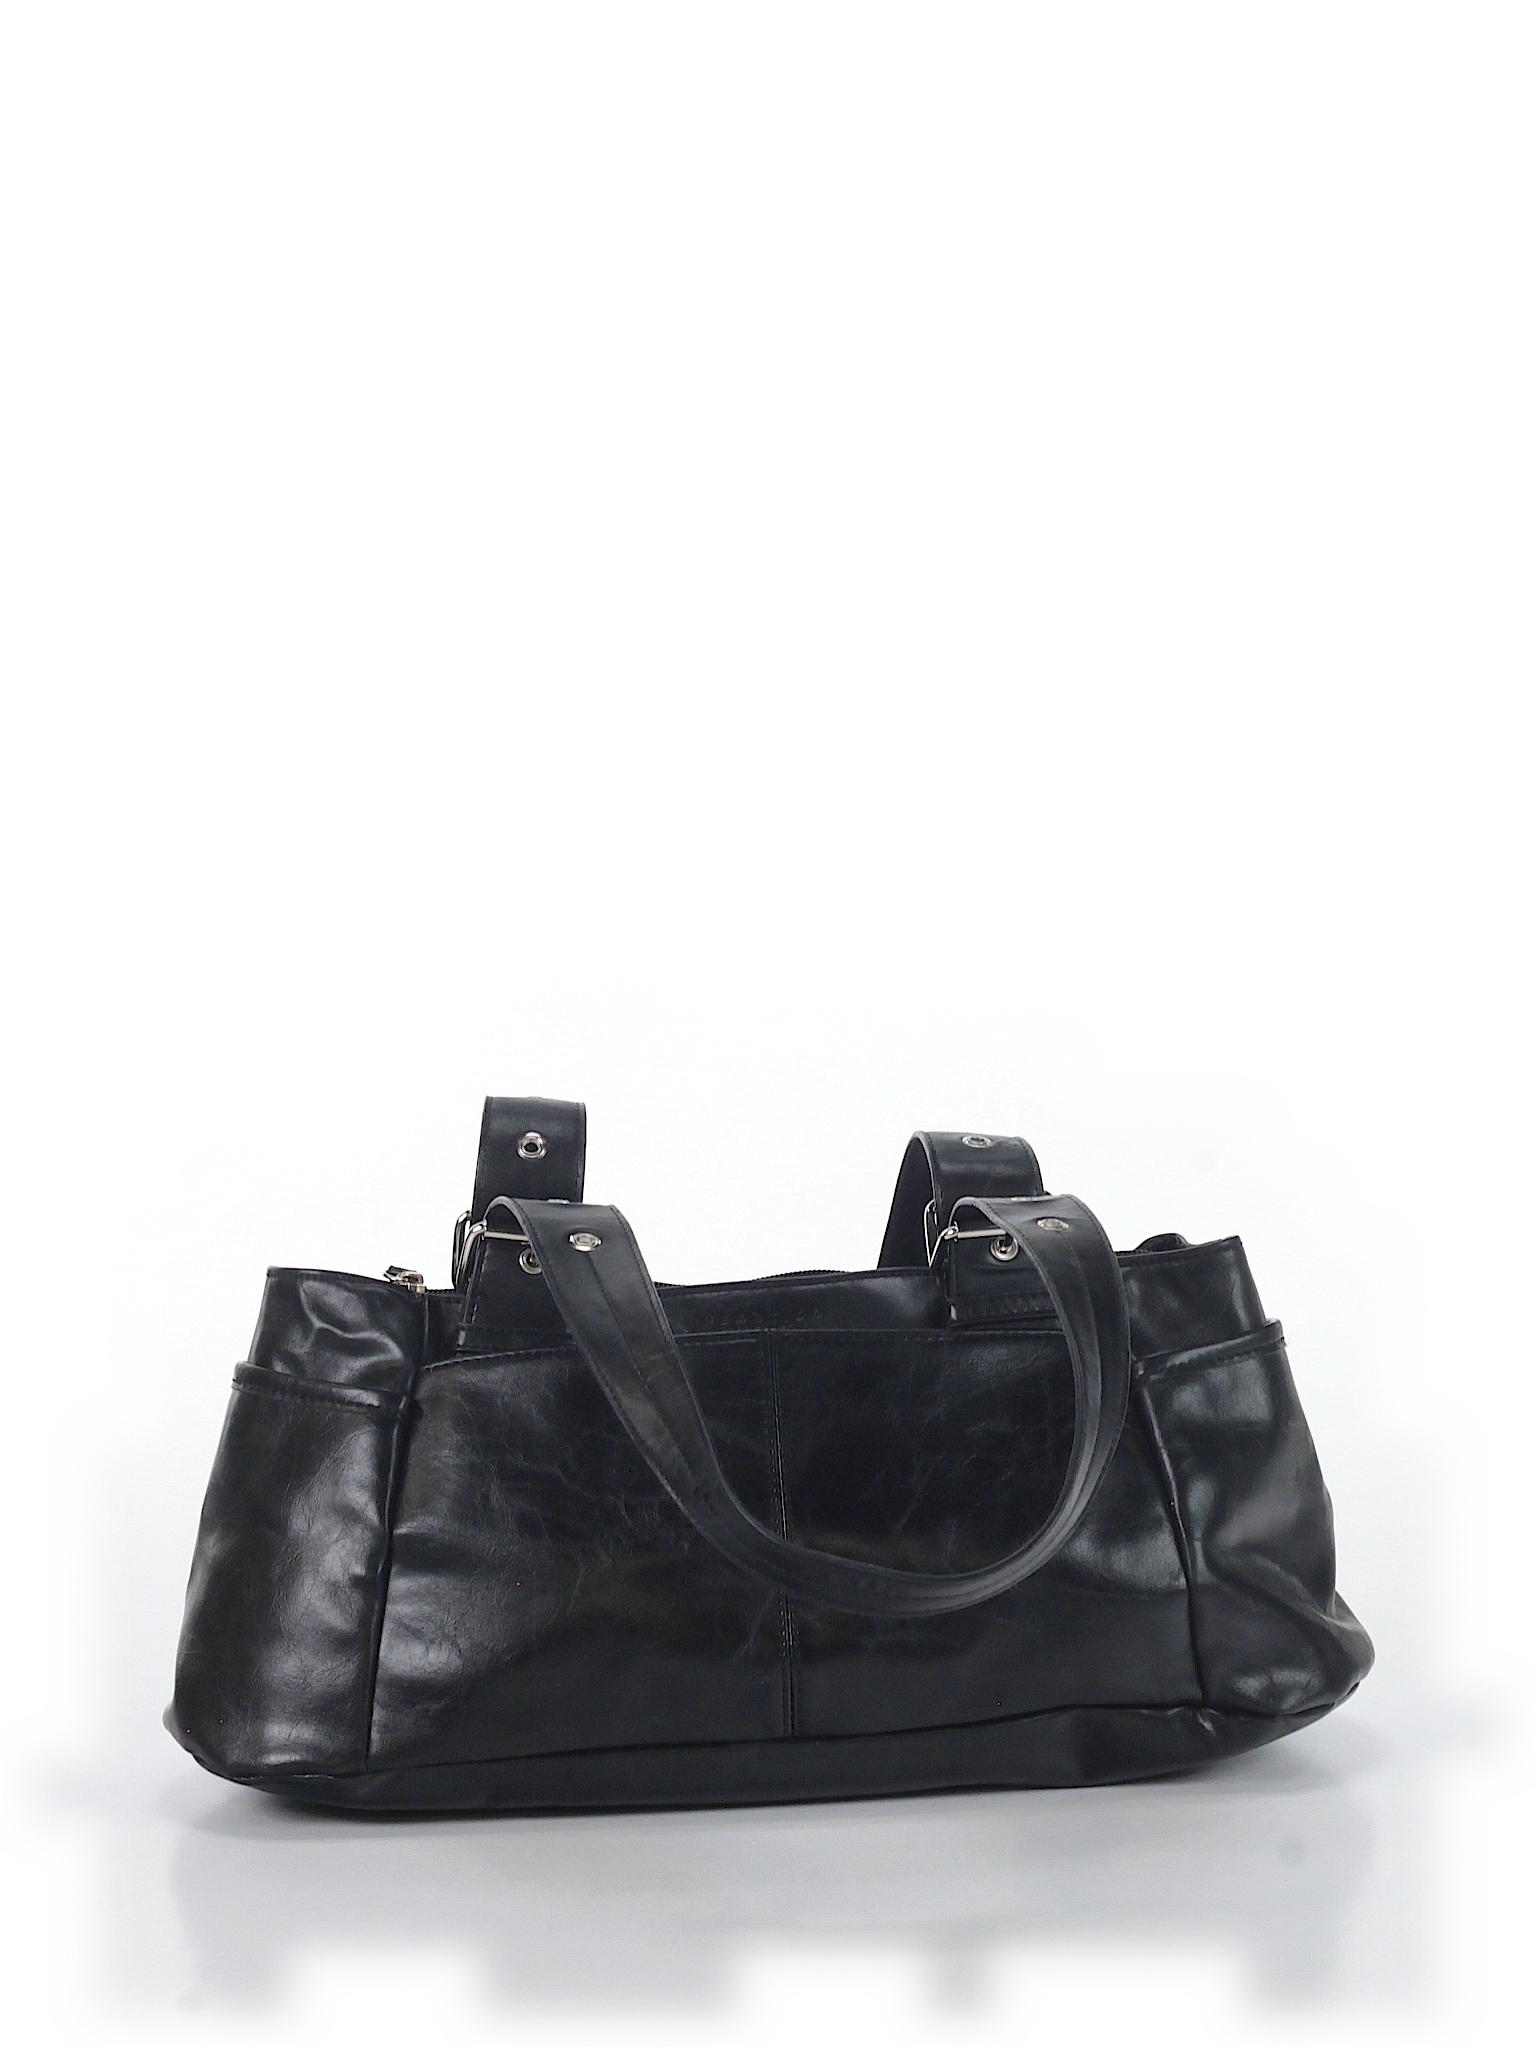 kenneth cole reaction shoulder bag 76 off only on thredup. Black Bedroom Furniture Sets. Home Design Ideas